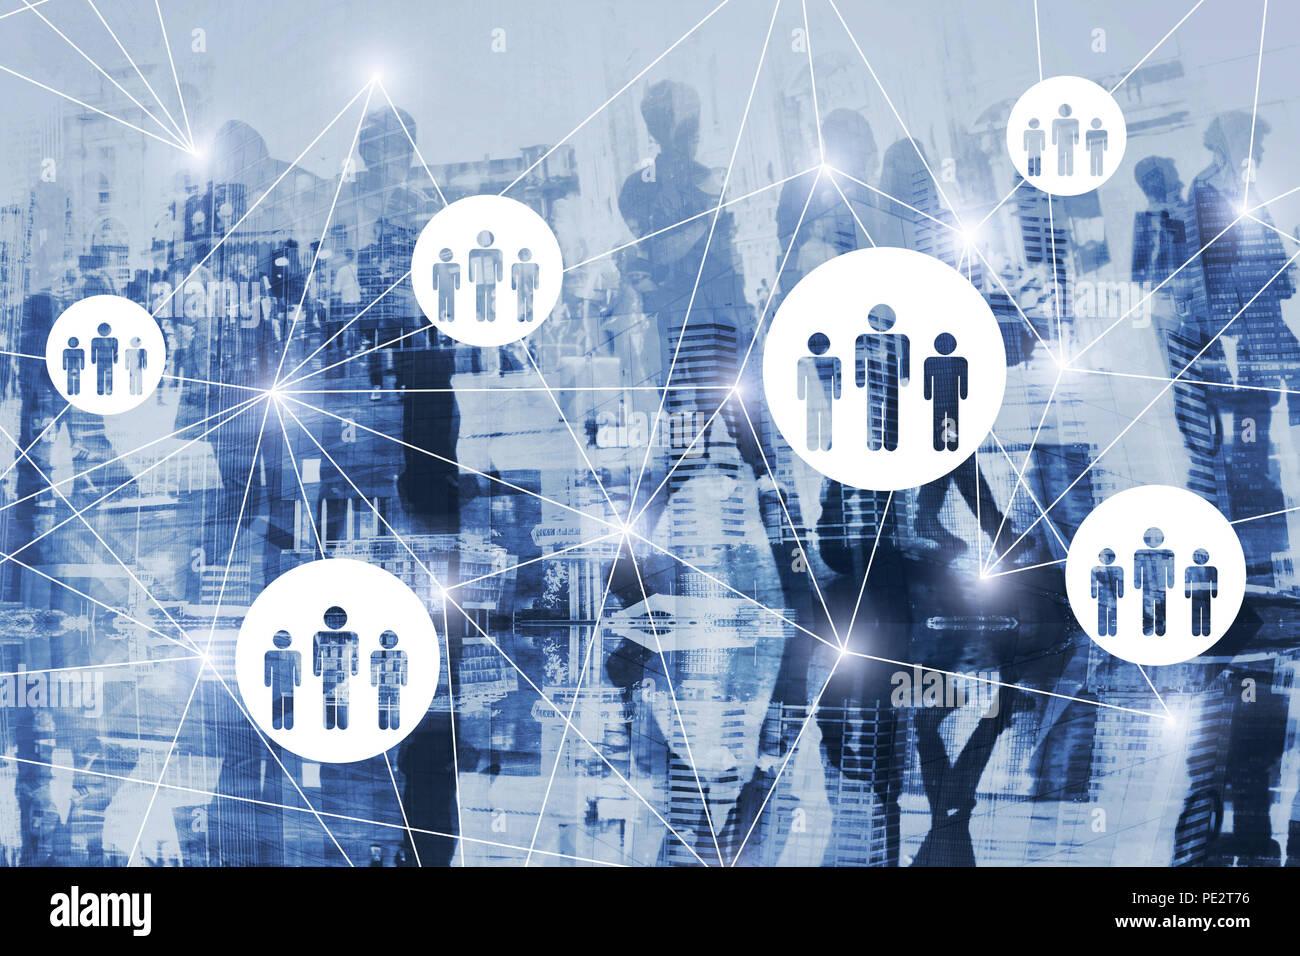 HR, Human Resources Konzept Diagramm Double Exposure, Regelung von virtuellen Netzwerk mit Menschen, online Community, Gesellschaft Stockbild